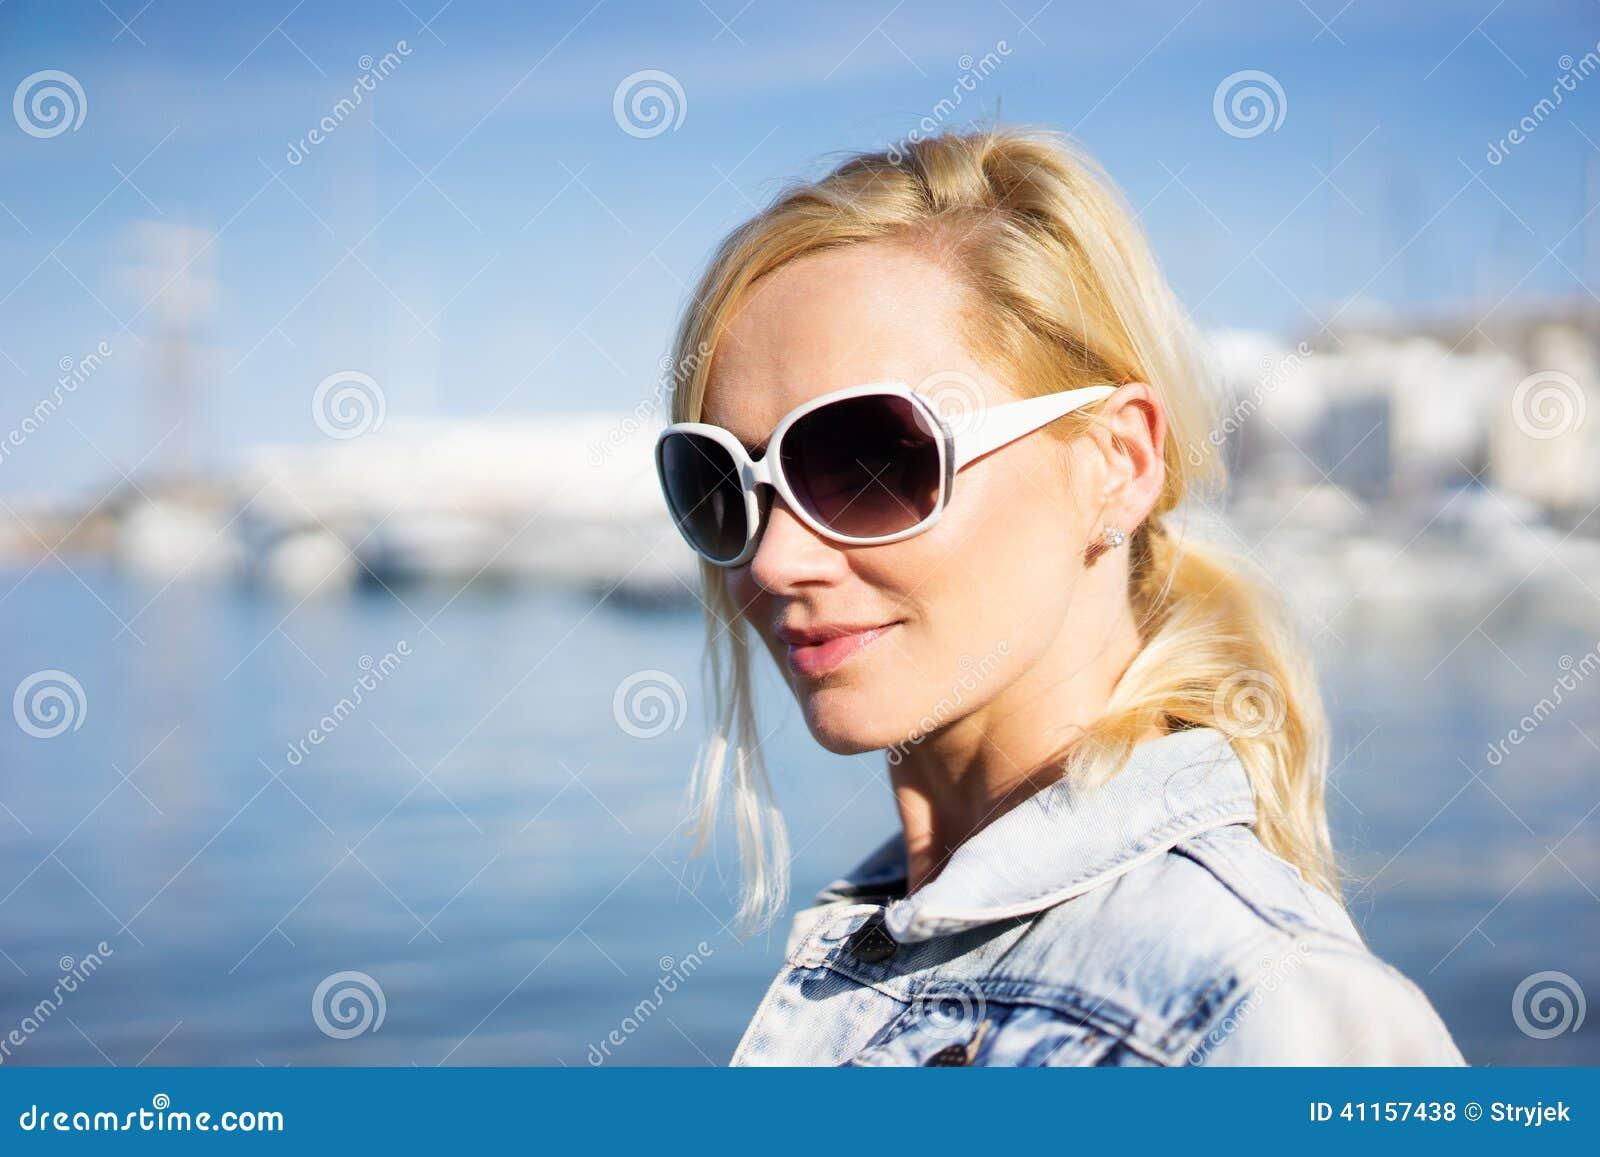 Gafas fotos hermosa adolescente veronique